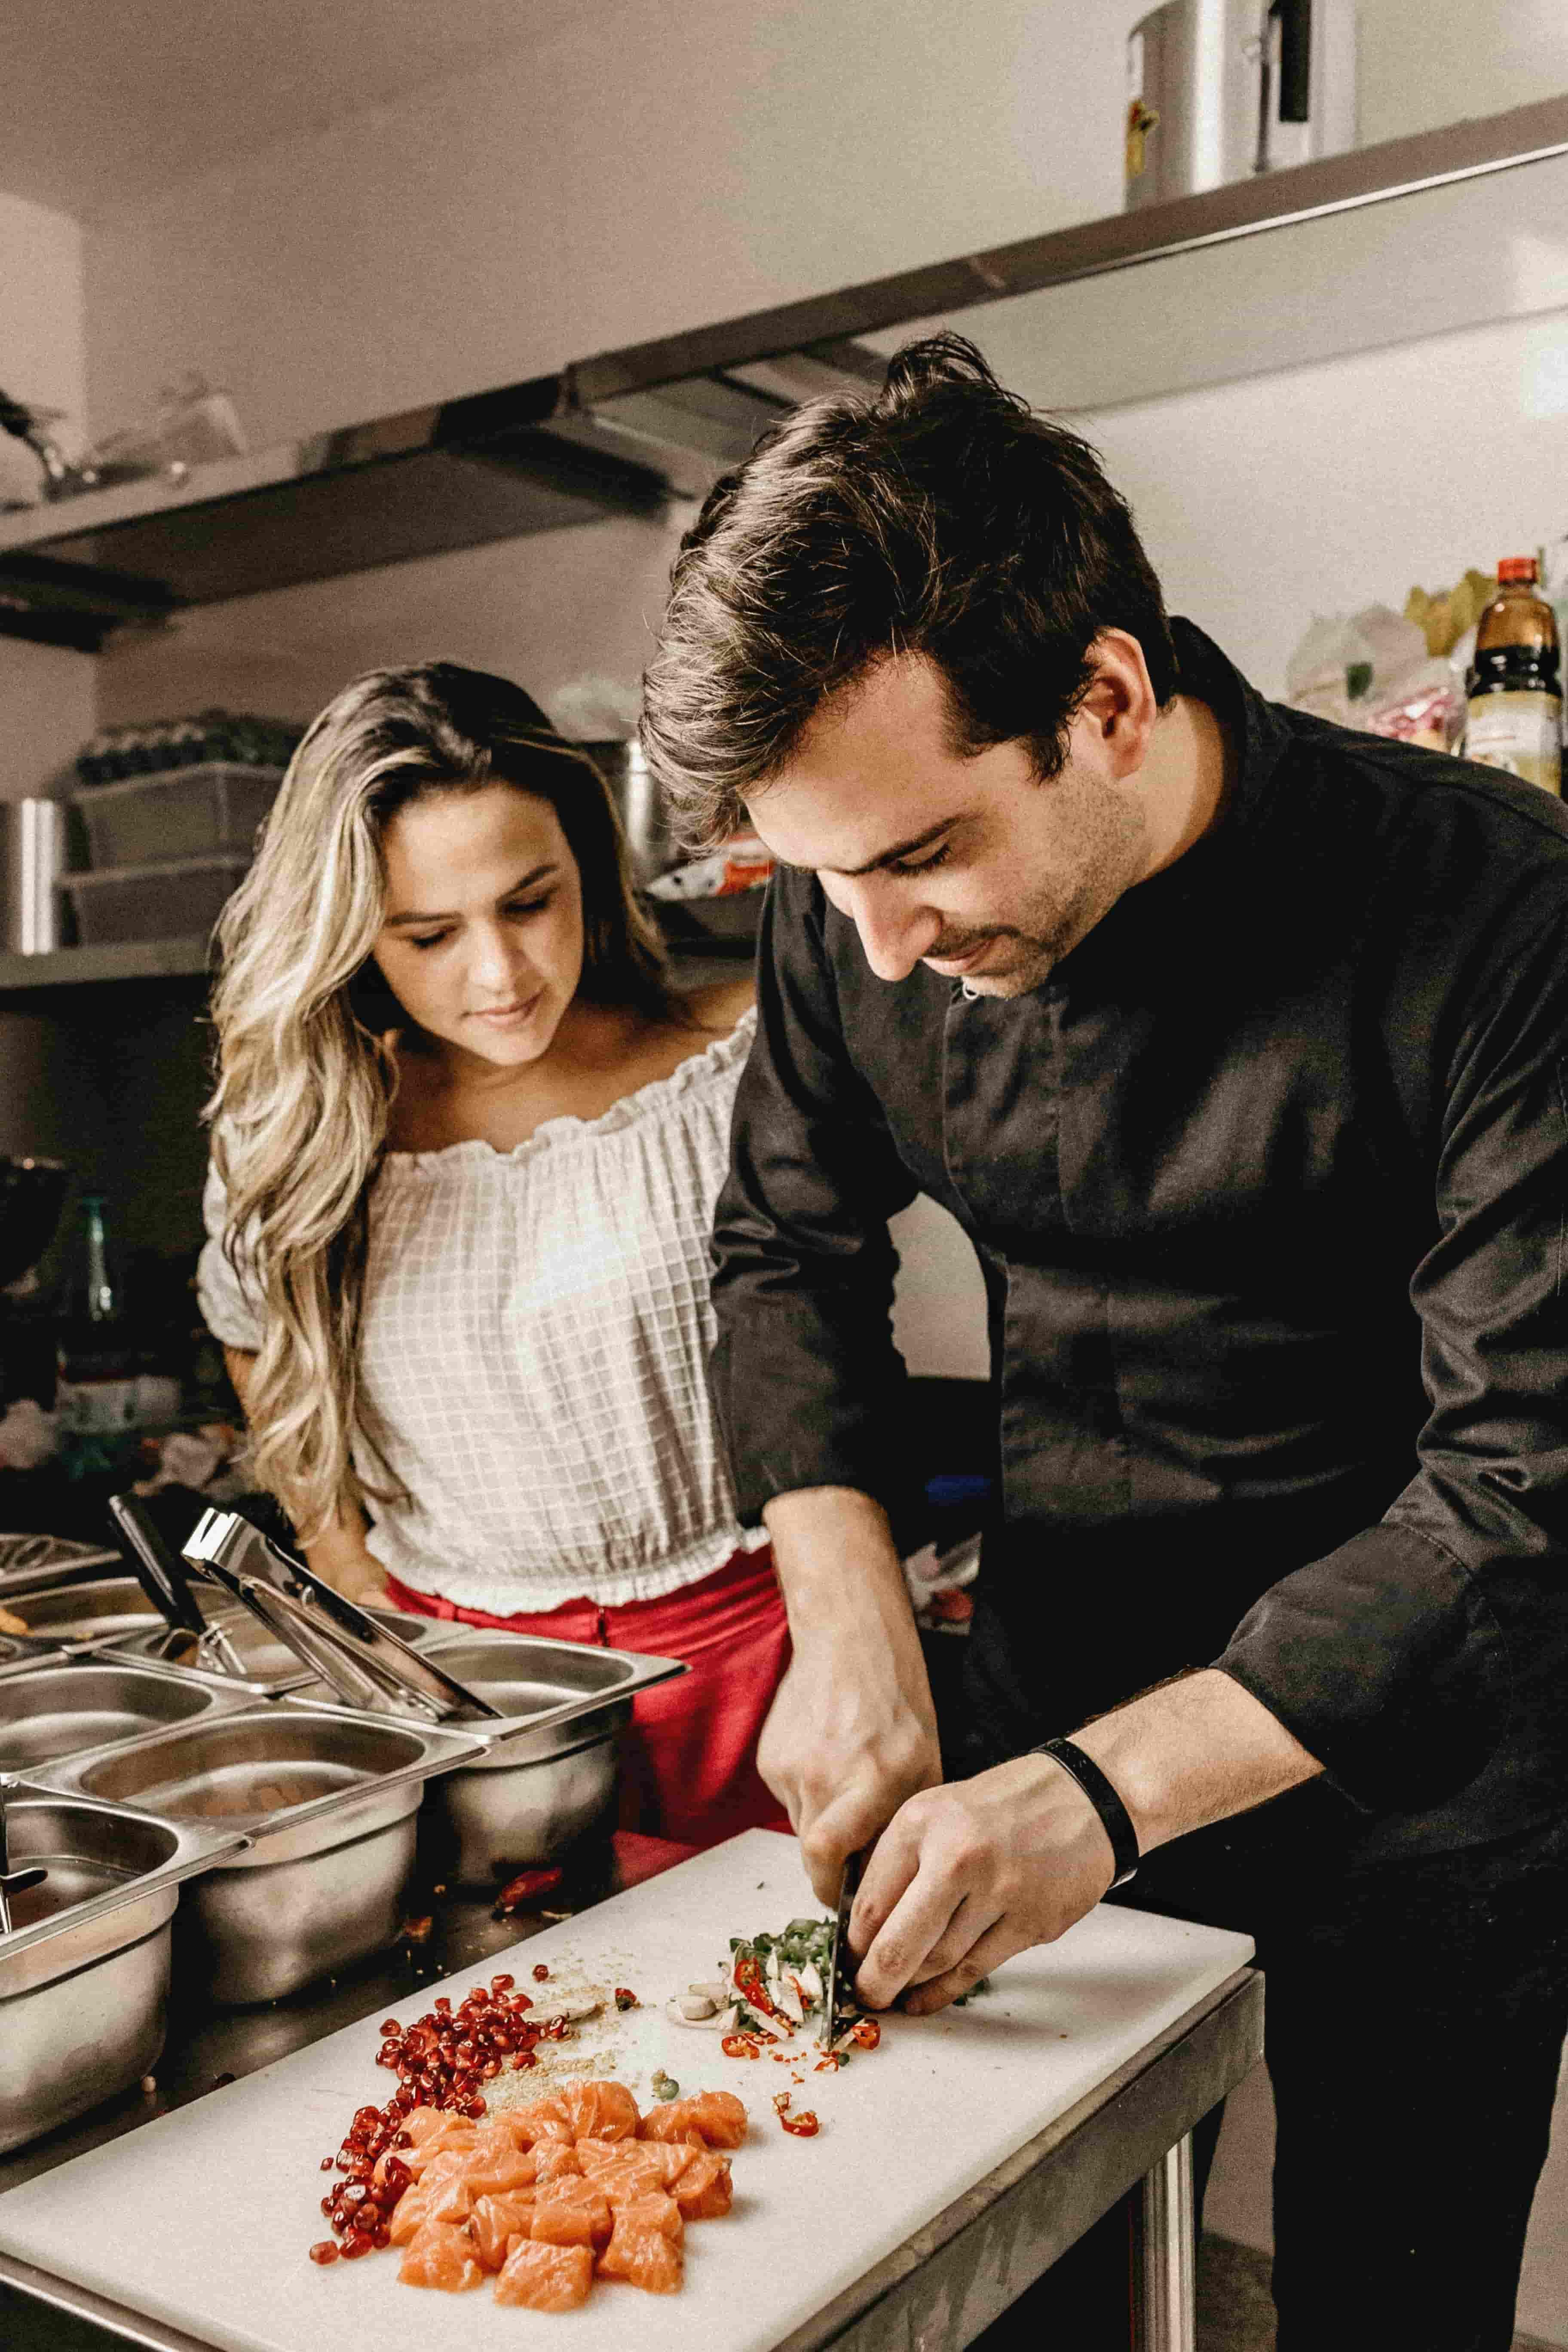 Date Night: Paella a la Valenciana for Couples